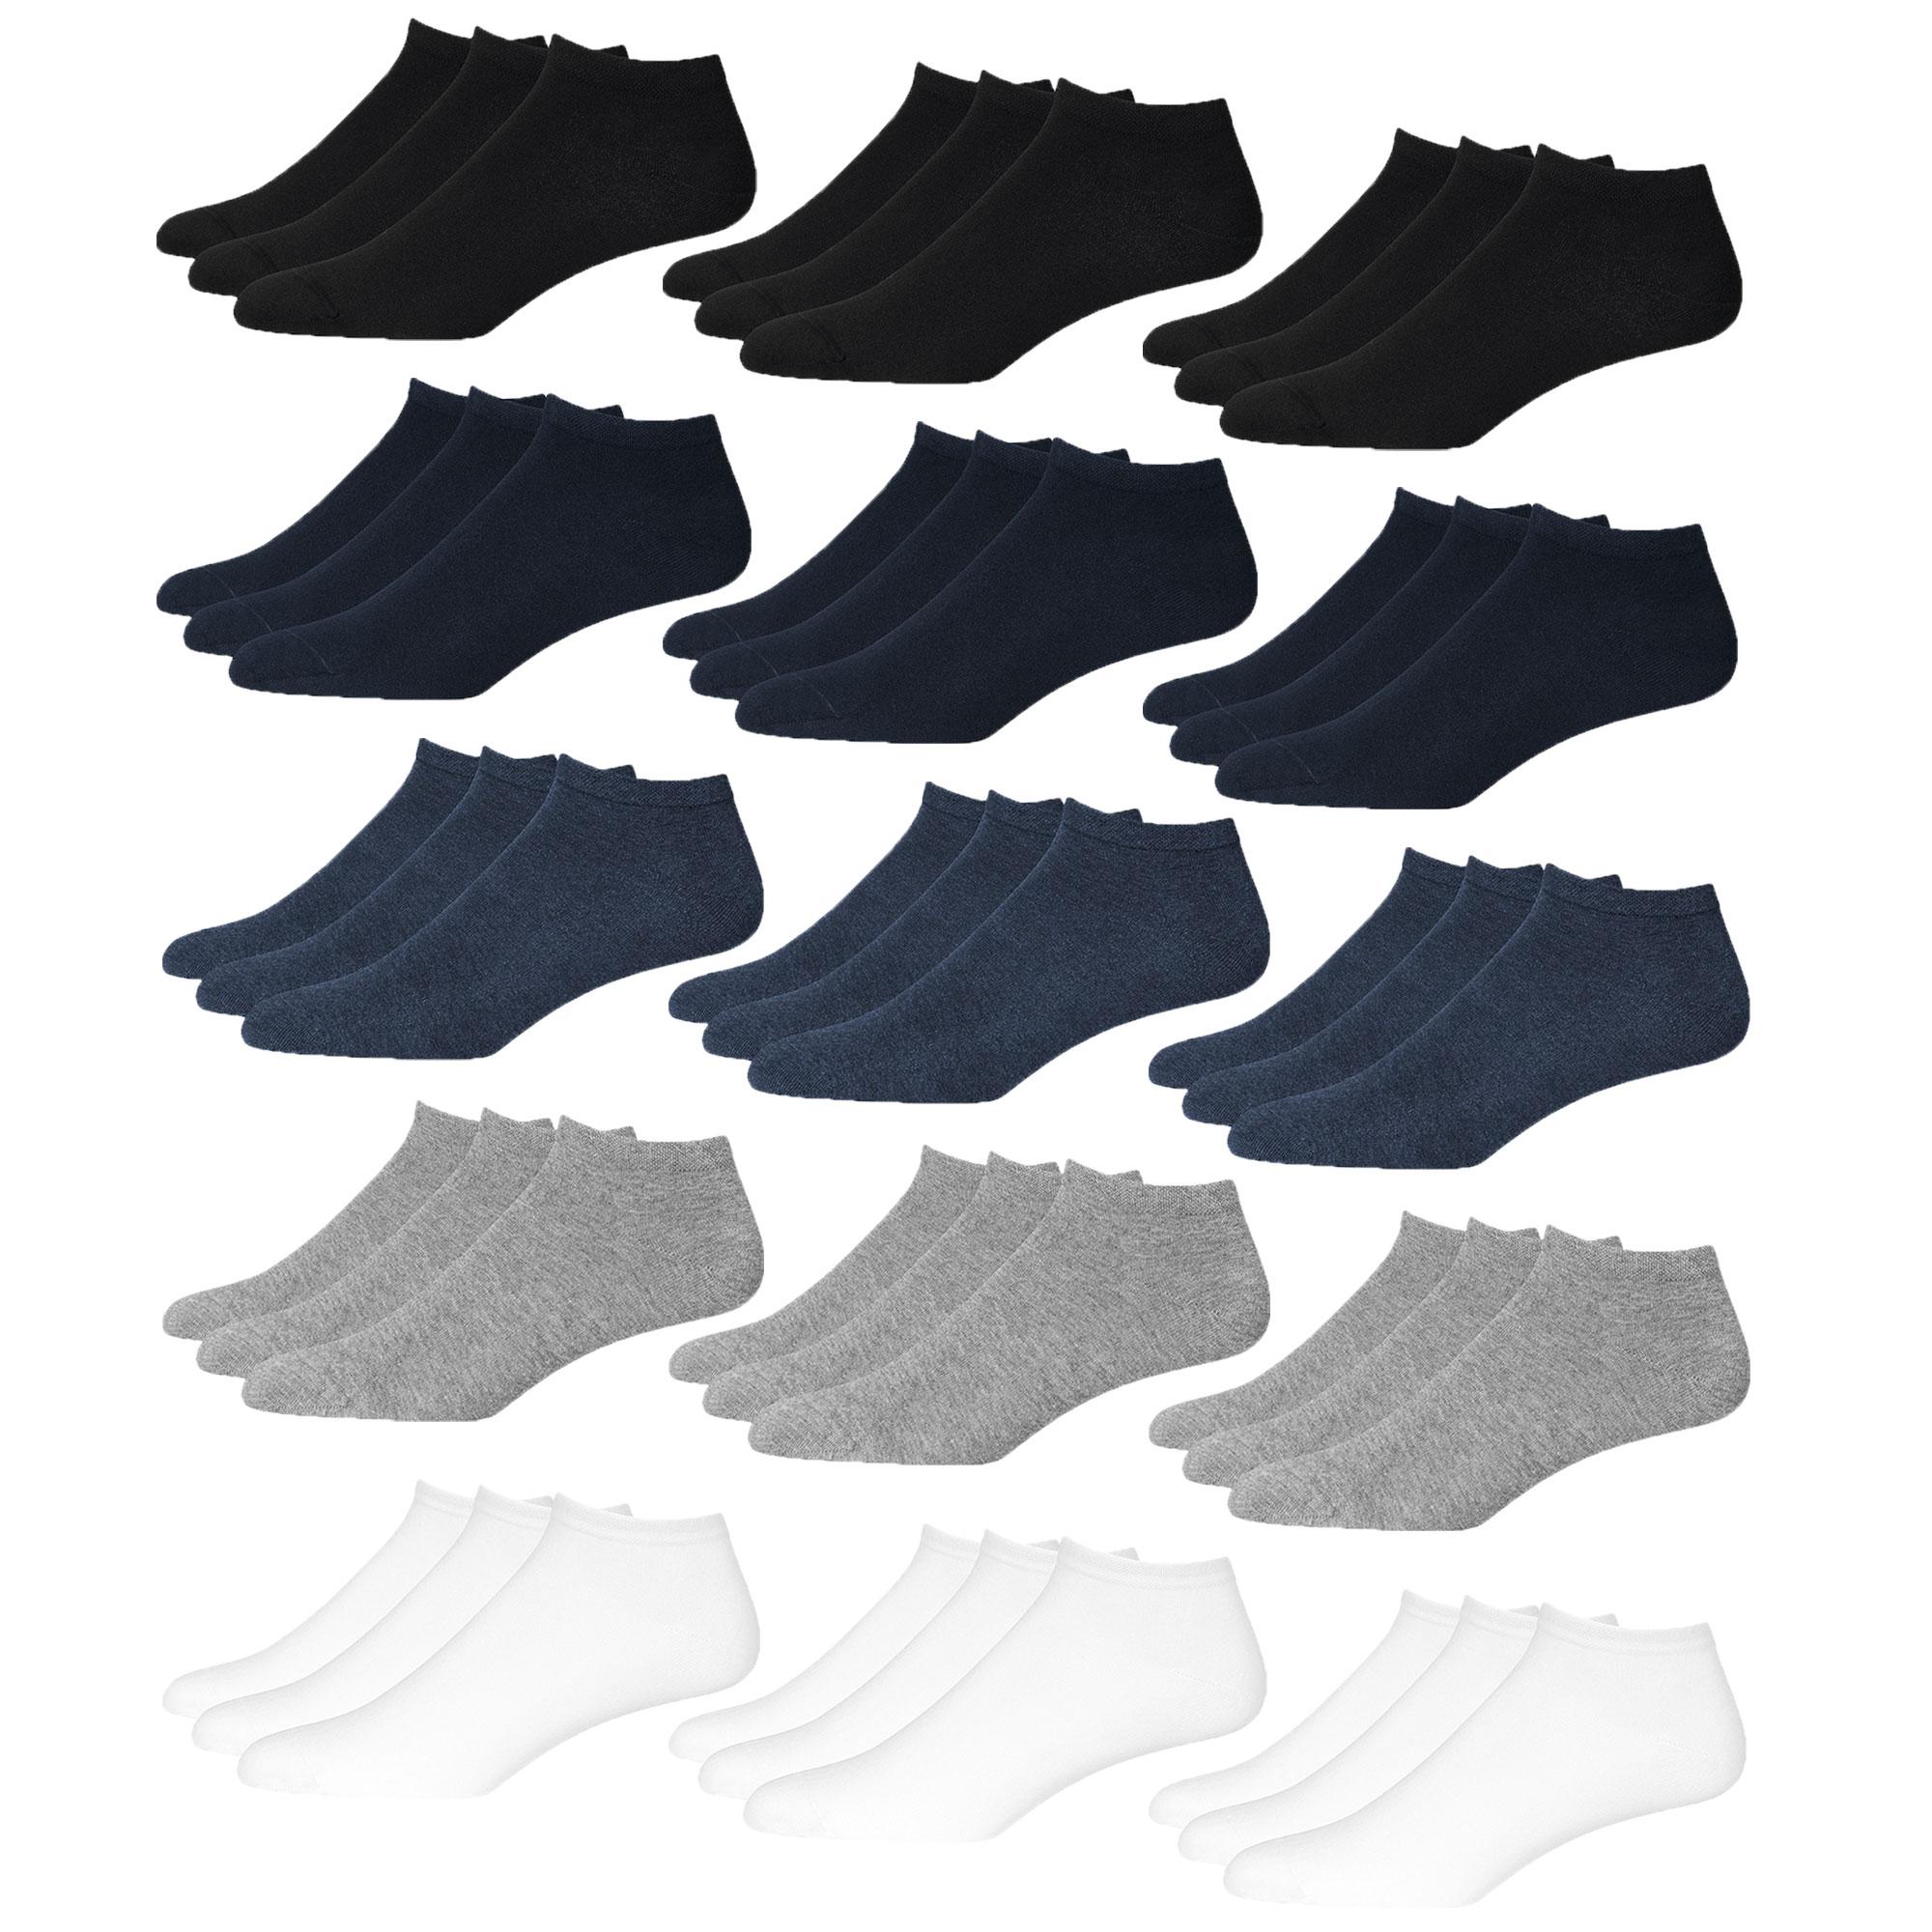 Marc O`Polo Sneaker Socken, 9 Paar – Bild 1